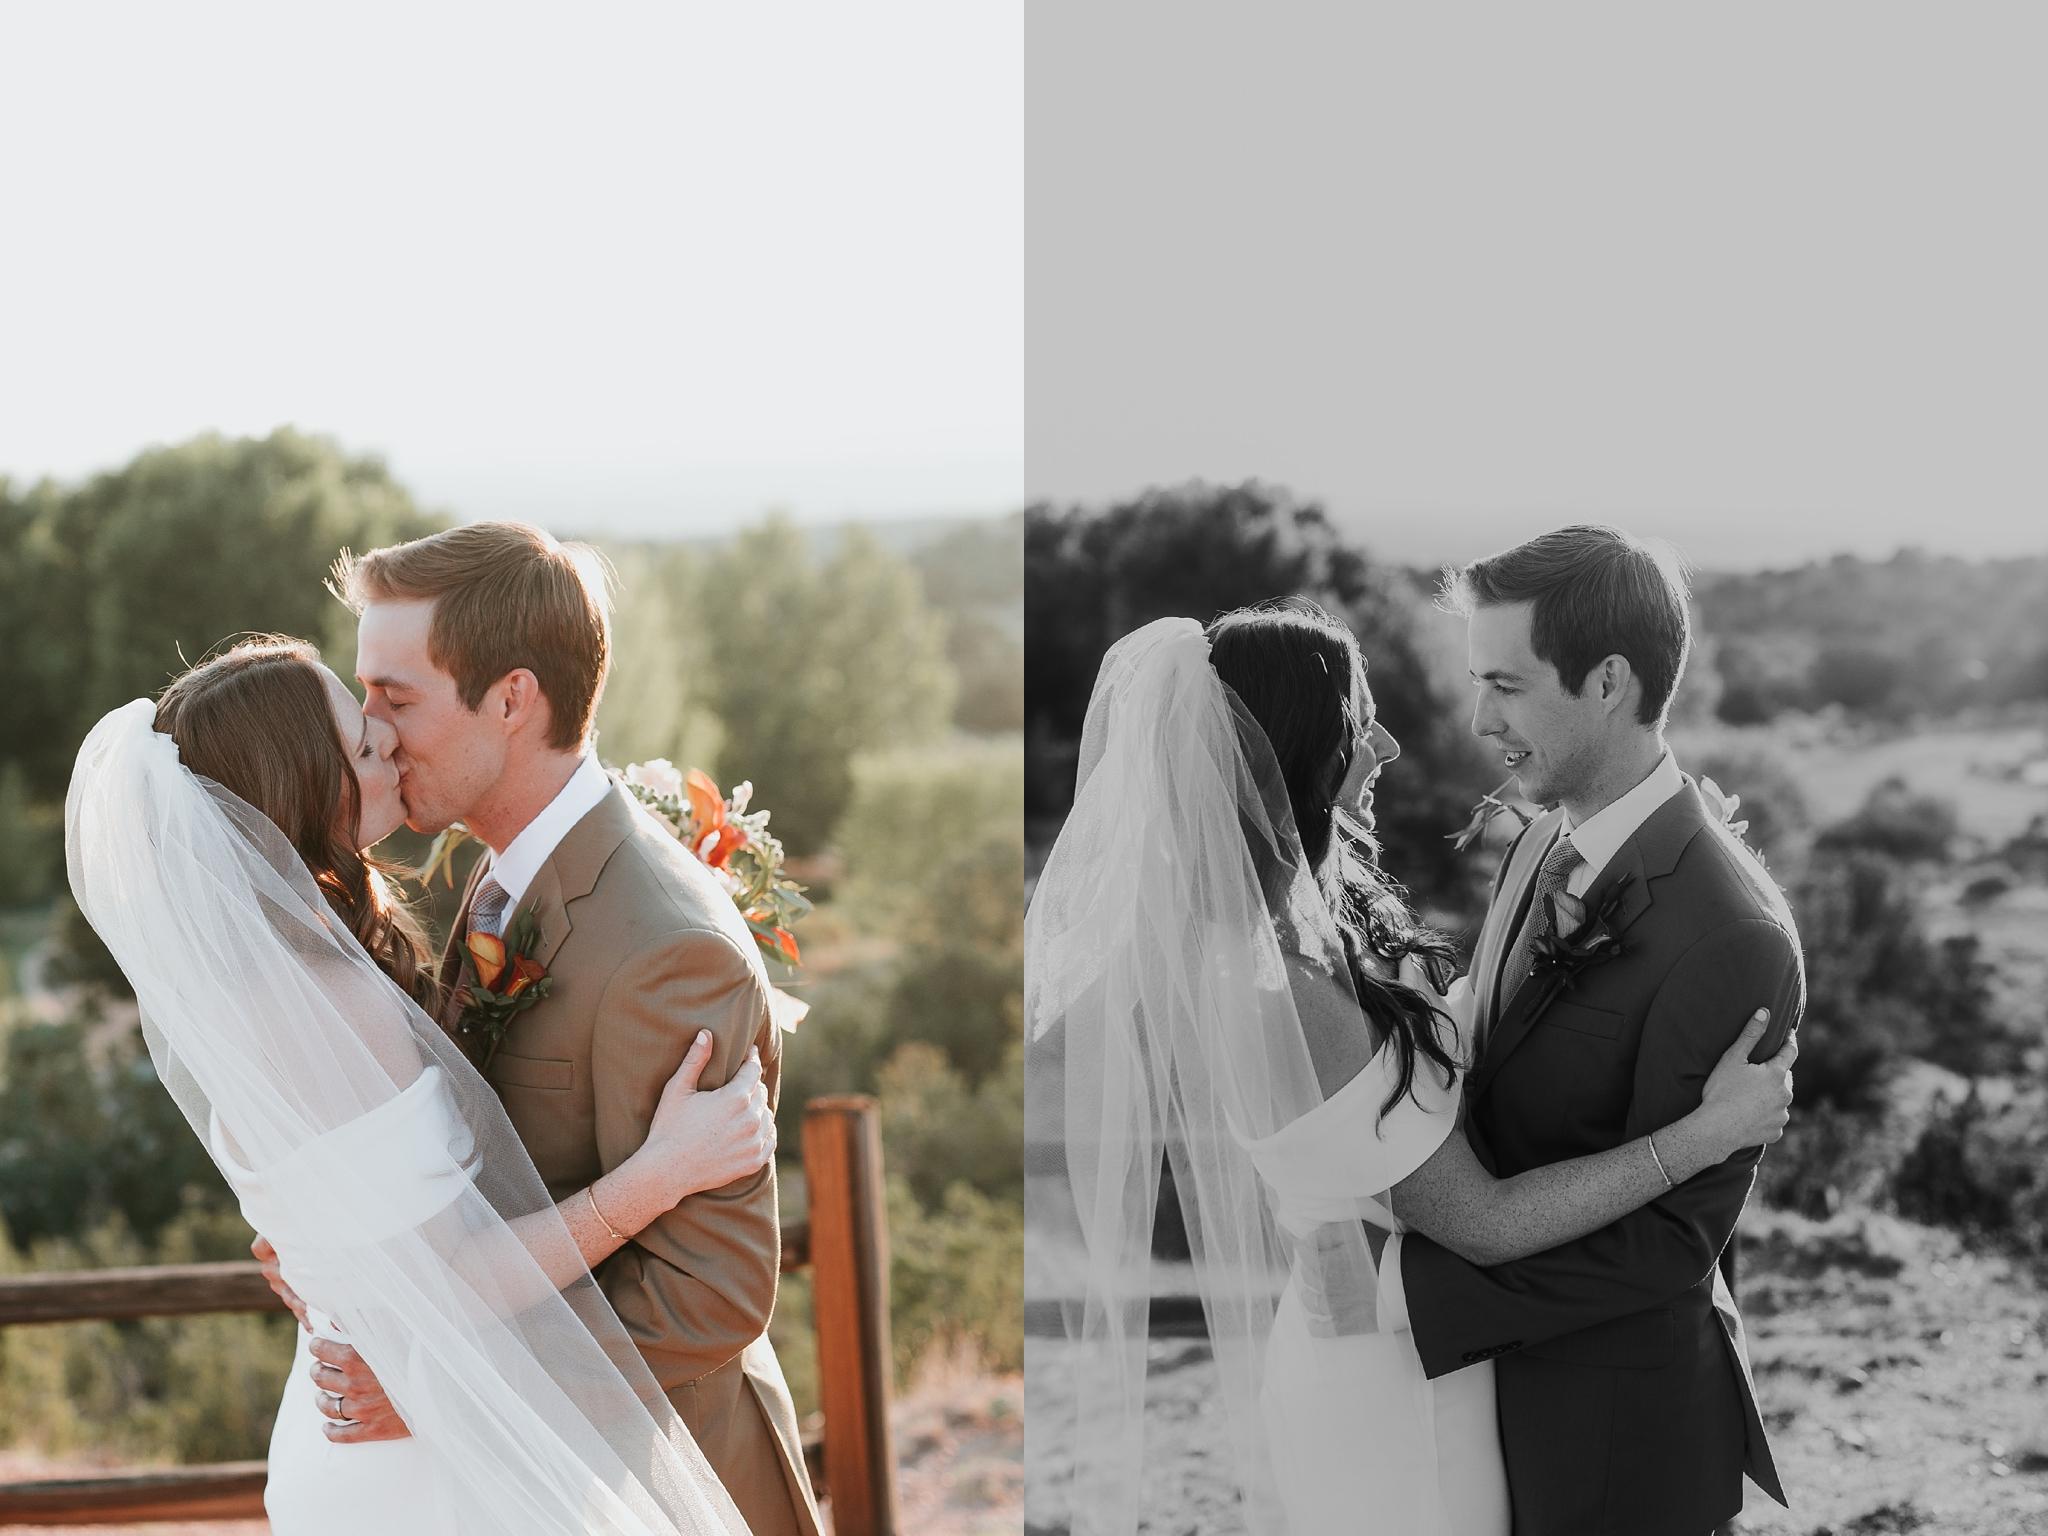 Alicia+lucia+photography+-+albuquerque+wedding+photographer+-+santa+fe+wedding+photography+-+new+mexico+wedding+photographer+-+new+mexico+wedding+-+wedding+photographer+-+wedding+photographer+team_0203.jpg